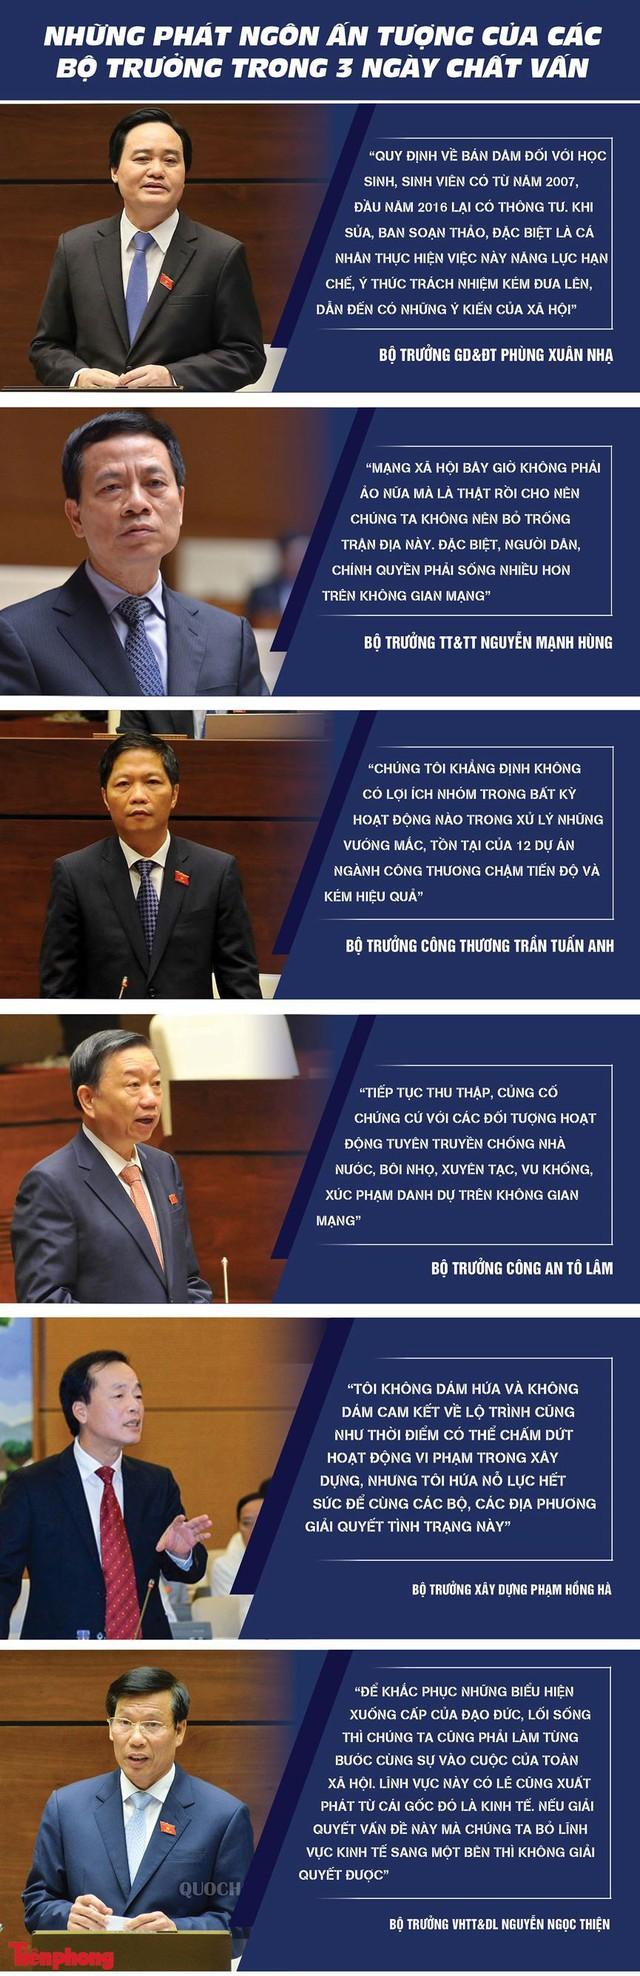 Phát ngôn ấn tượng của các bộ trưởng trong 3 ngày chất vấn   - Ảnh 1.